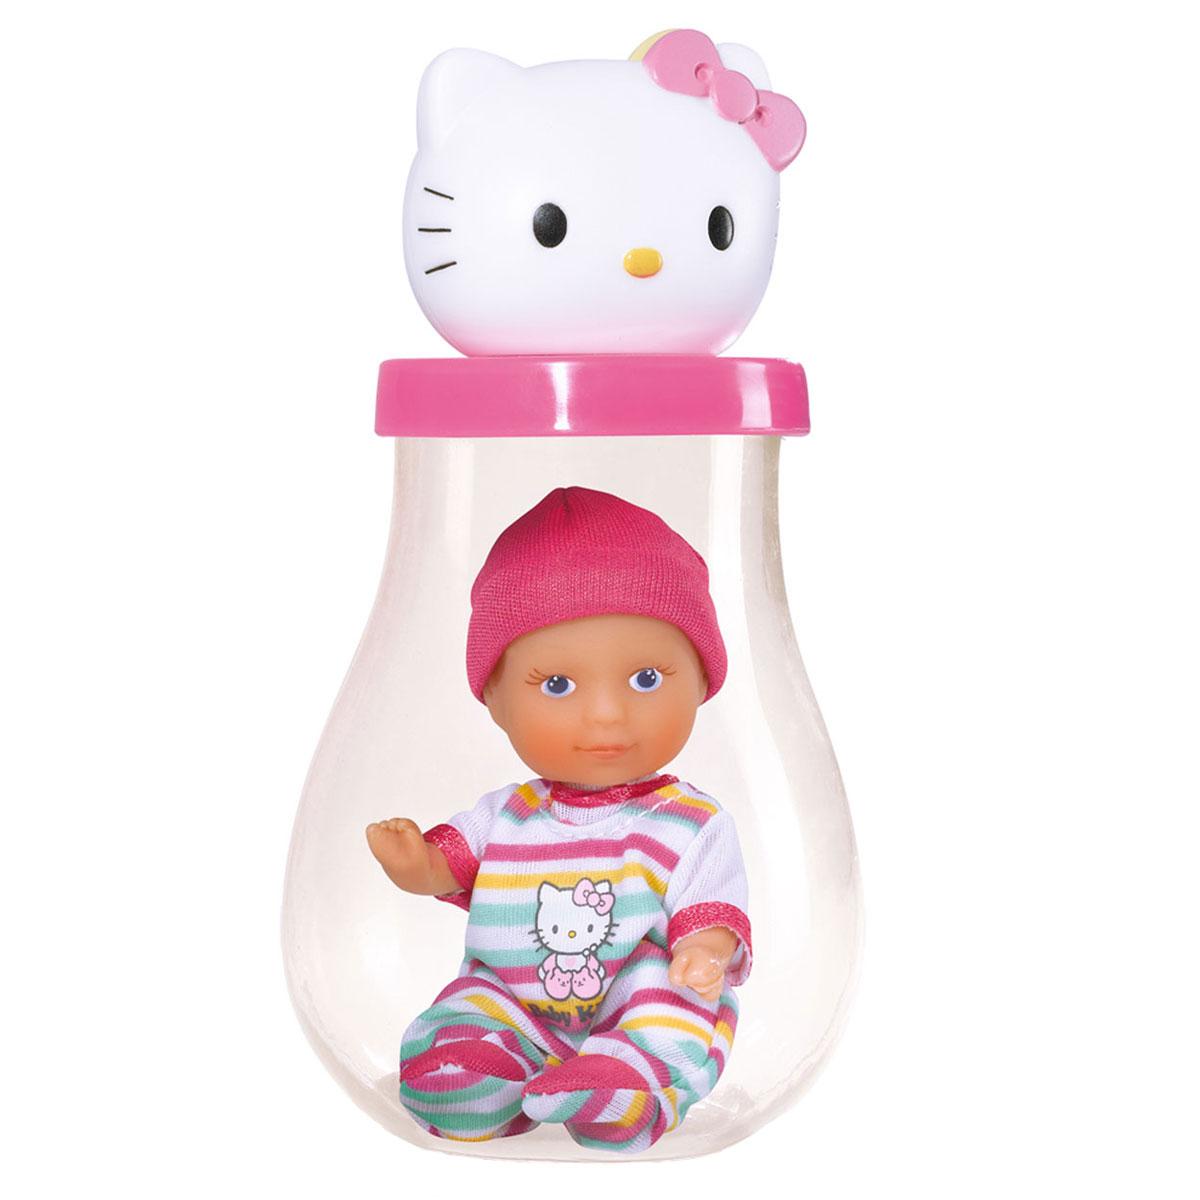 Simba Пупс Hello Kitty в банке цвет розовый5013363Пупс Simba Hello Kitty непременно приведет в восторг вашу дочурку. Голова пупса выполнена из прочного пластика, а тело - мягконабивное. Очаровательный малыш одет в рубашку розового цвета, оформленную принтом с изображением кошечки Китти, а на голове у него - розовый чепчик. Рубашка фиксируется при помощи липучки на спинке. Пупс упакован в оригинальную пластиковую бутылочку. Трогательный пупс принесет радость и подарит своей обладательнице мгновения нежных объятий. Игры с куклами способствуют эмоциональному развитию, помогают формировать воображение и художественный вкус, а также разовьют в вашей малышке чувство ответственности и заботы. Великолепное качество исполнения делают эту куколку чудесным подарком к любому празднику.